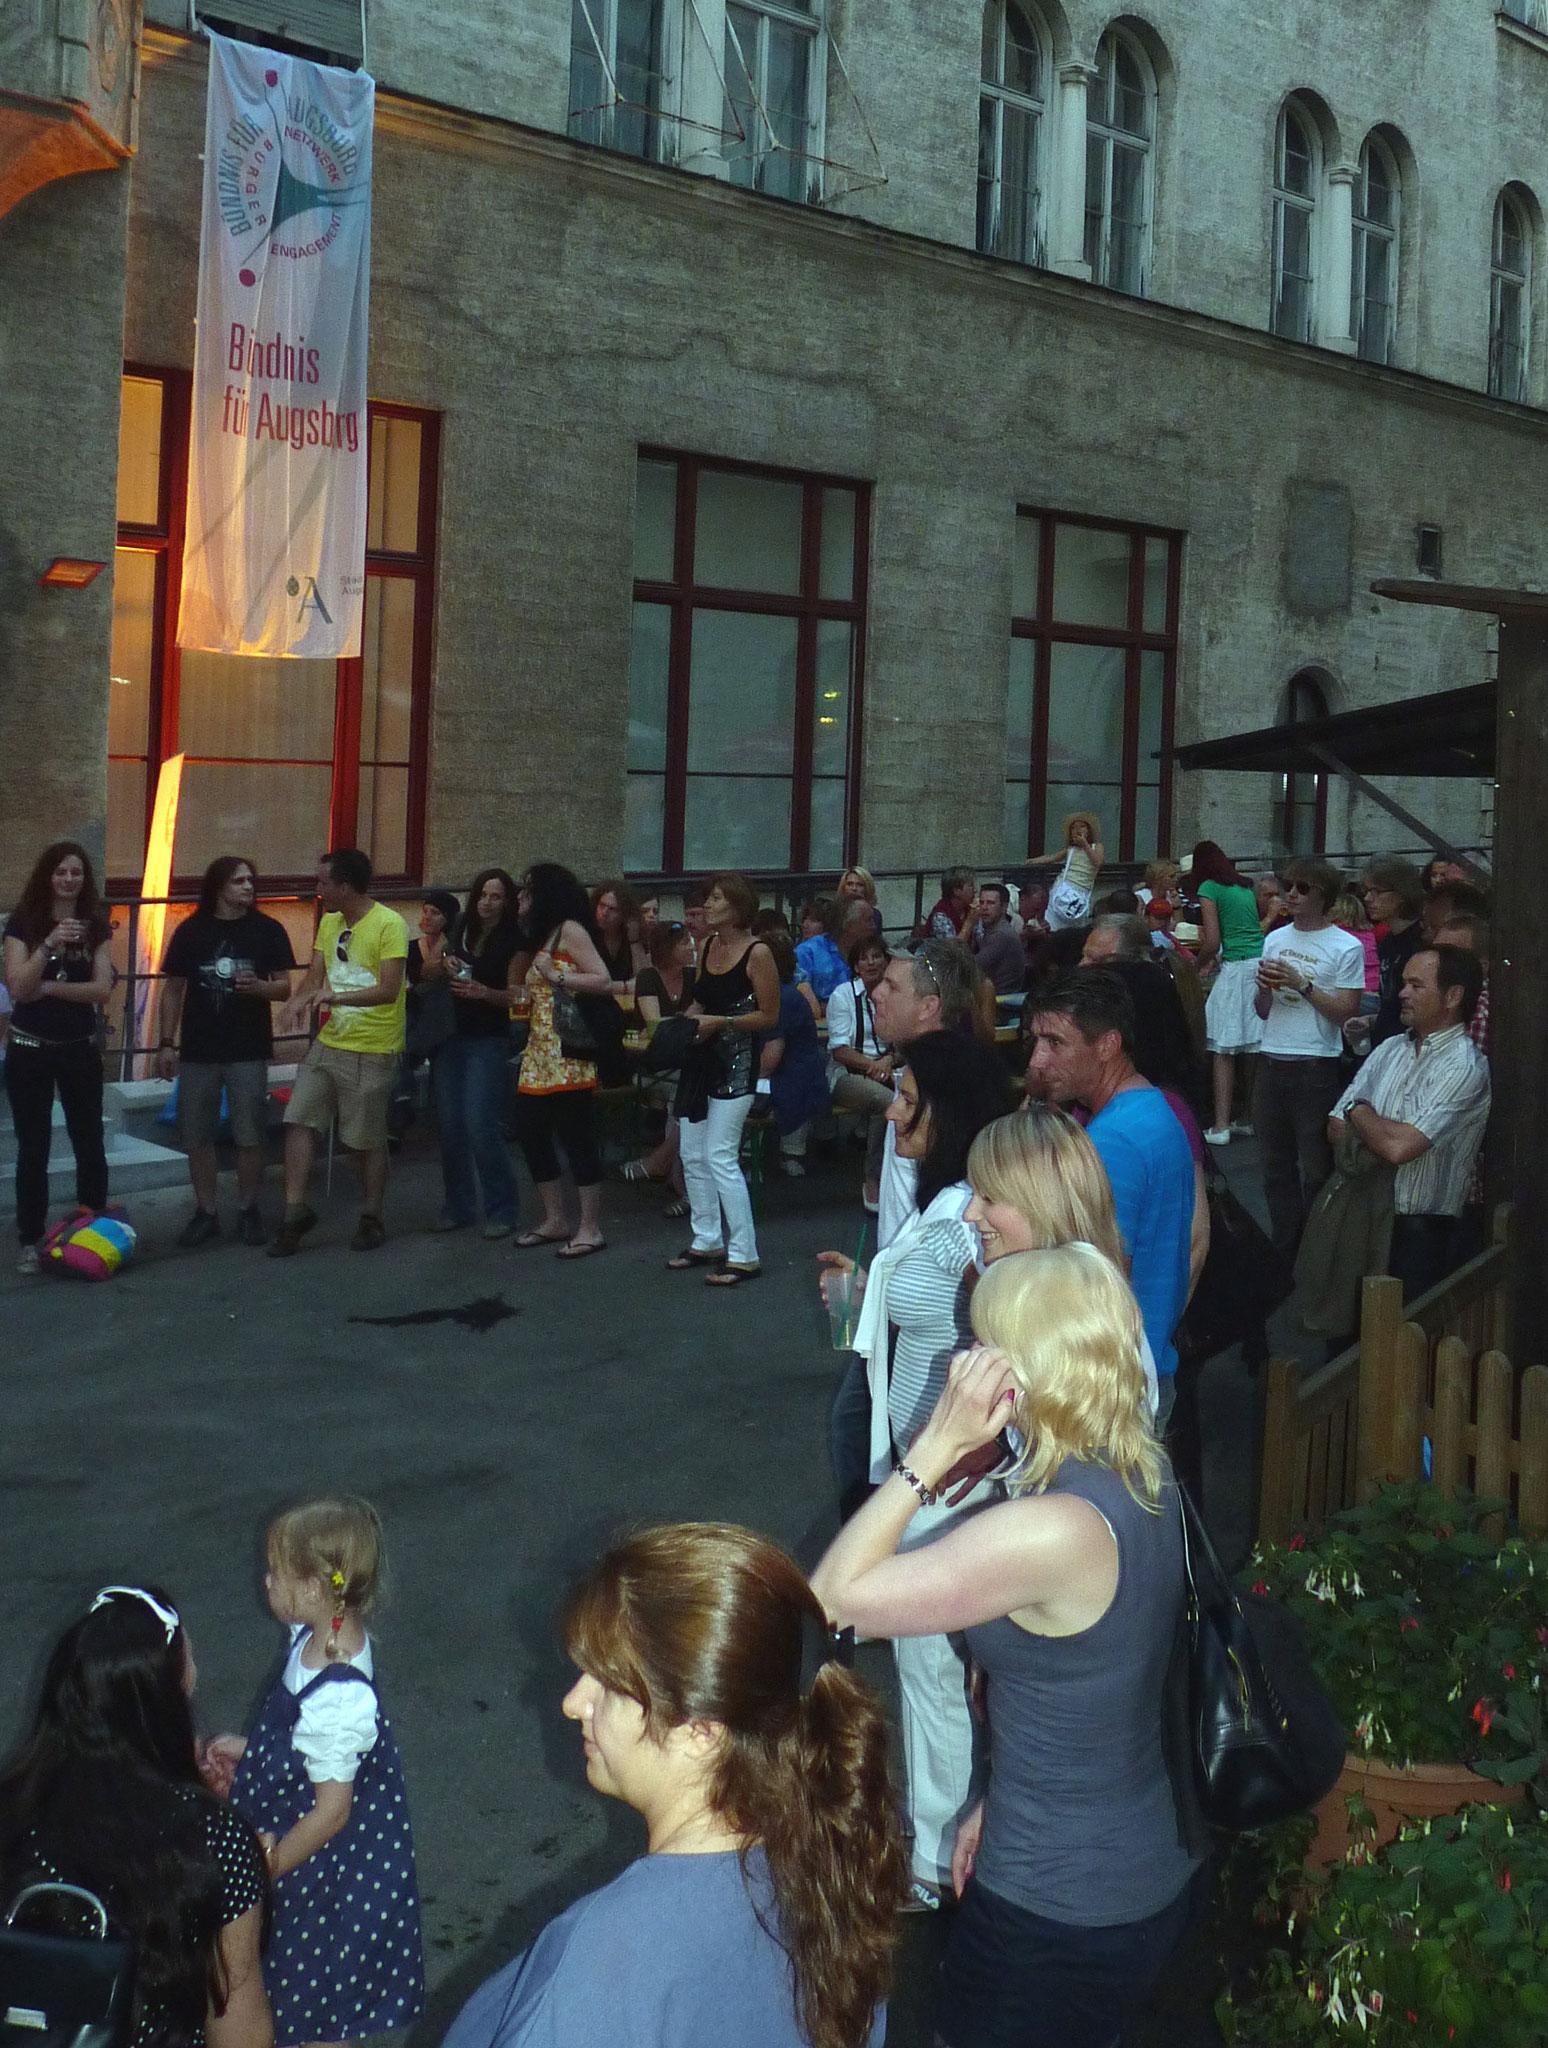 Konzerte im Bürgerhof 26.06.10 - Freiwilligen-Zentrum Augsburg - Foto: Martin Schönberger